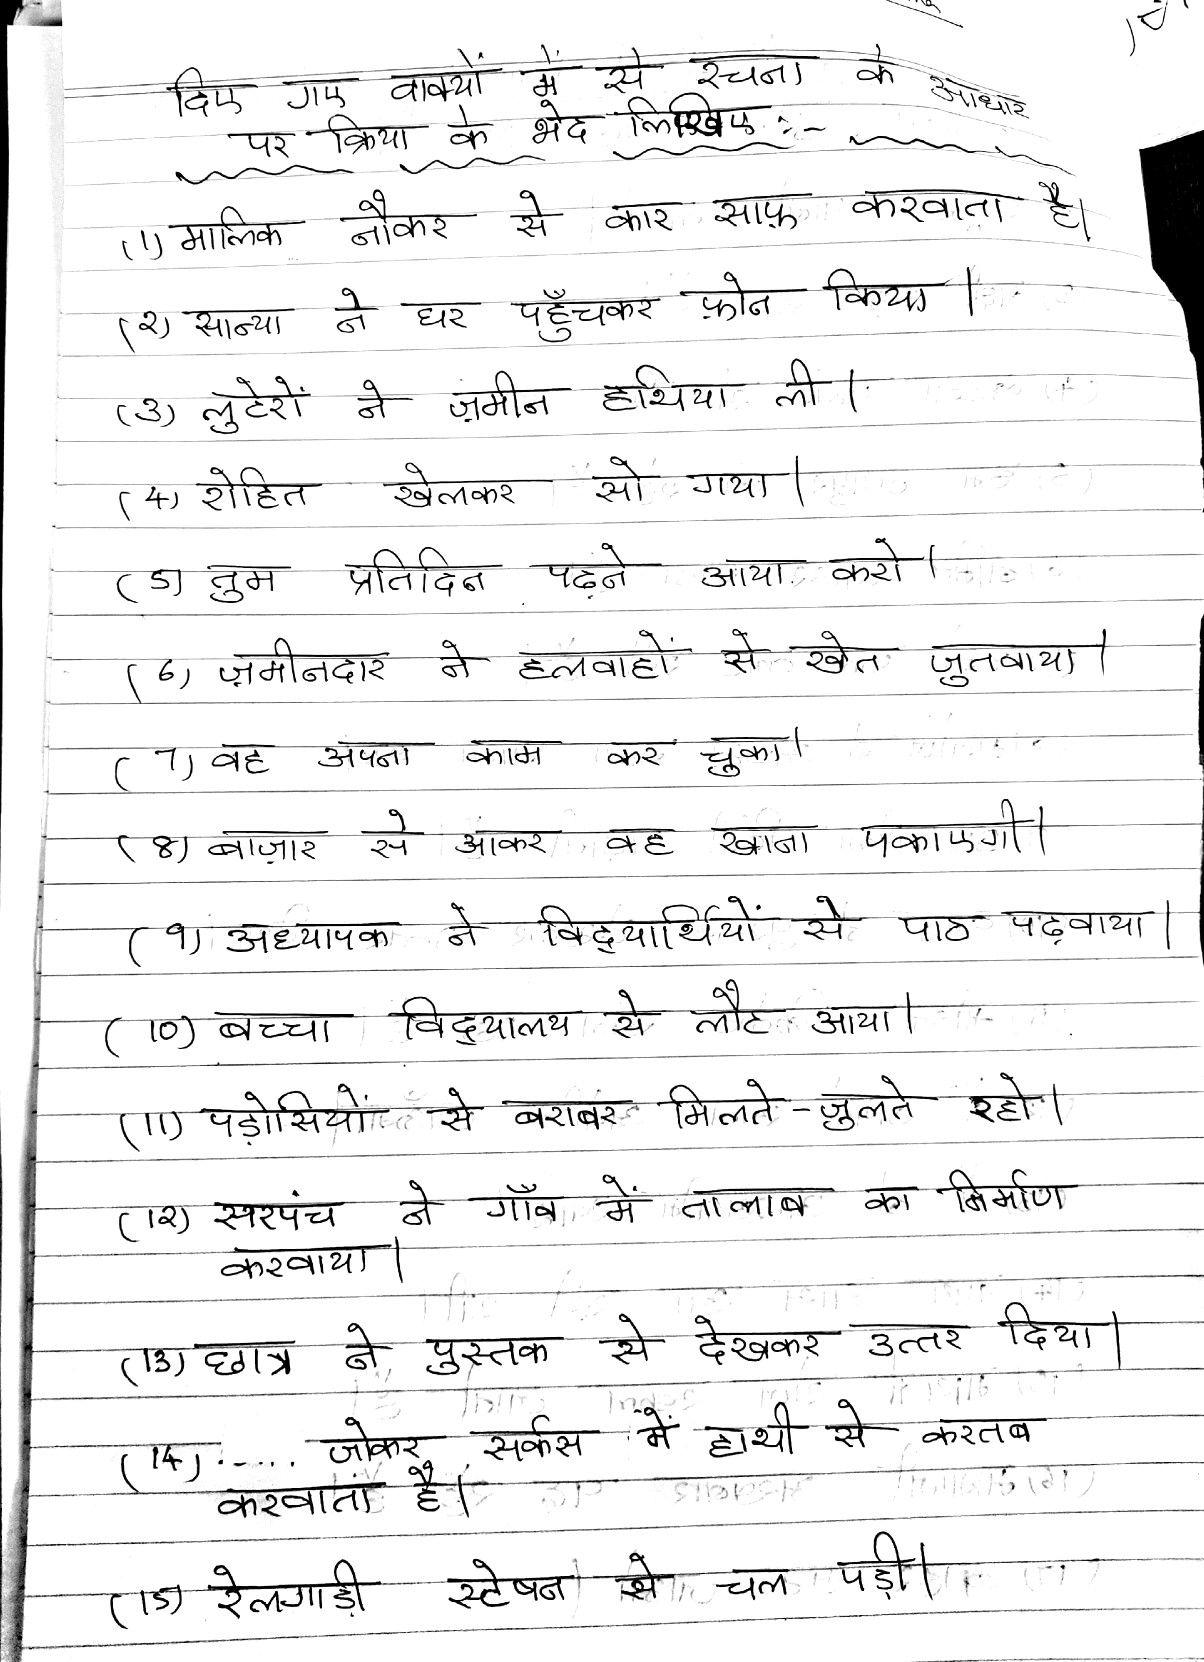 KRIYA -- रचना के आधार पर क्रिया के भेद (PREETHA)   Hindi worksheets [ 1662 x 1204 Pixel ]